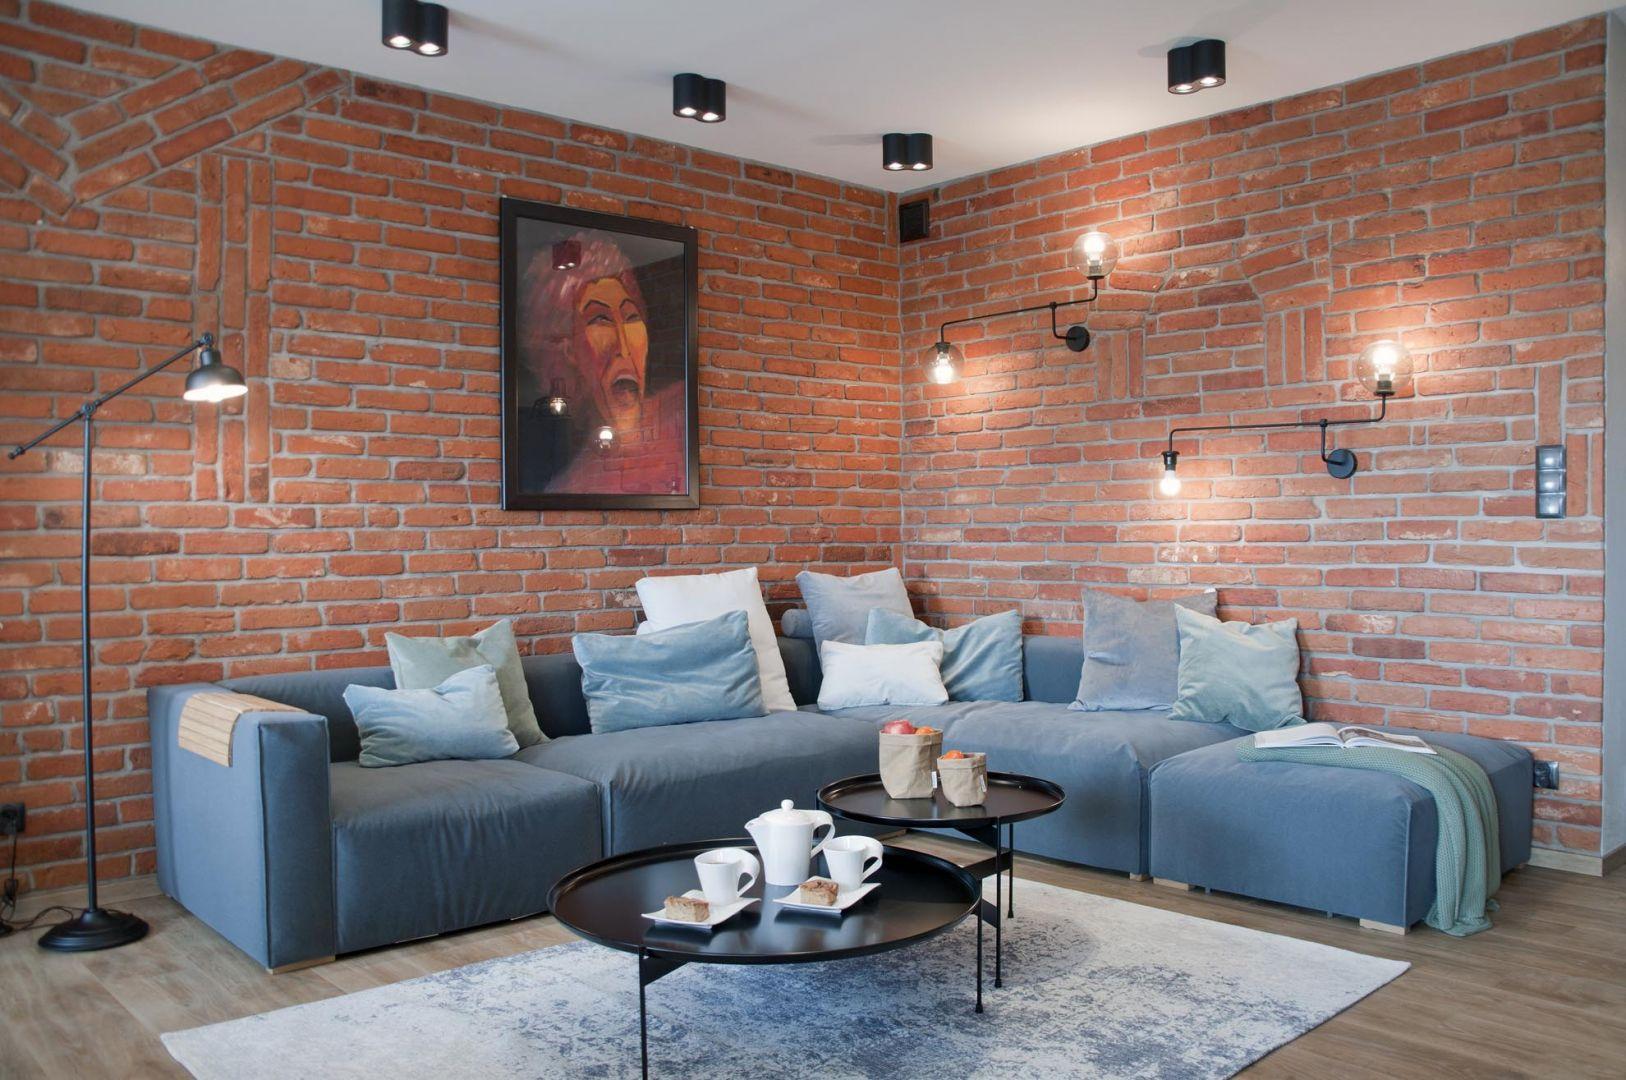 W pokoju dziennym elementem dominującym jest czerwona cegła pochodząca z rozbiórki, która pięknie zdobi ściany. Projekt: Ewelina Mikulska-Ignaczak, Mikulska Studio. Fot. Jakub Ignaczak, K1M1